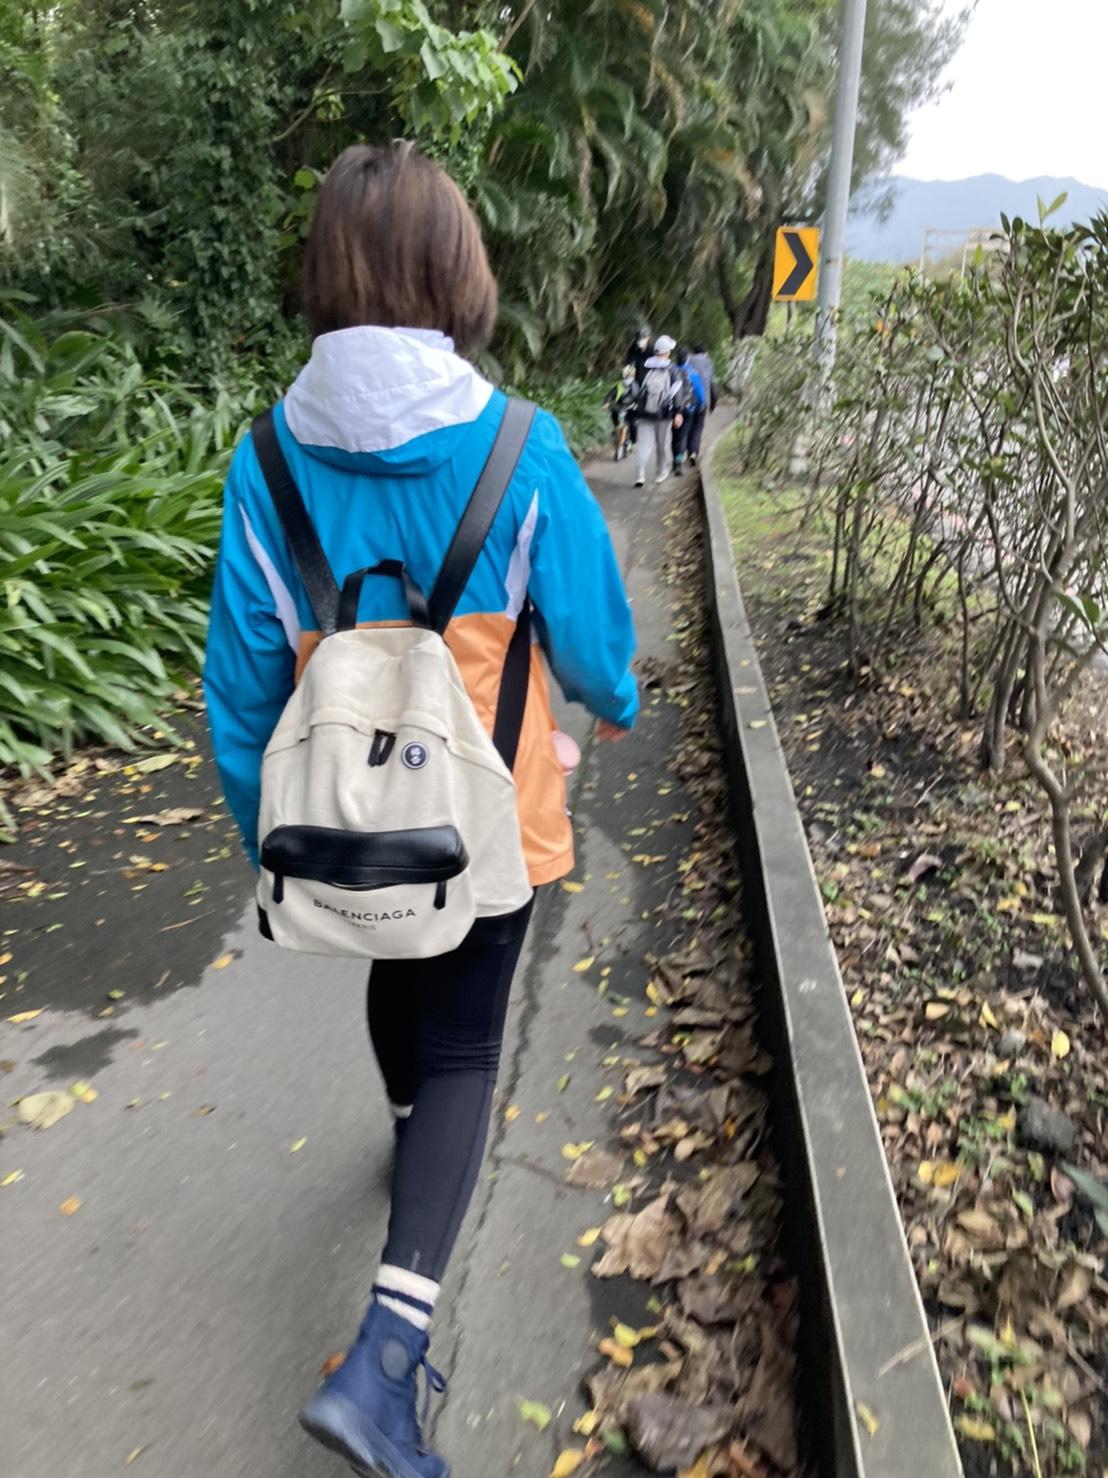 環島也是你的心願嗎?分開版本的徒步環島--聽起來是個好主意 feat.挨打小姐